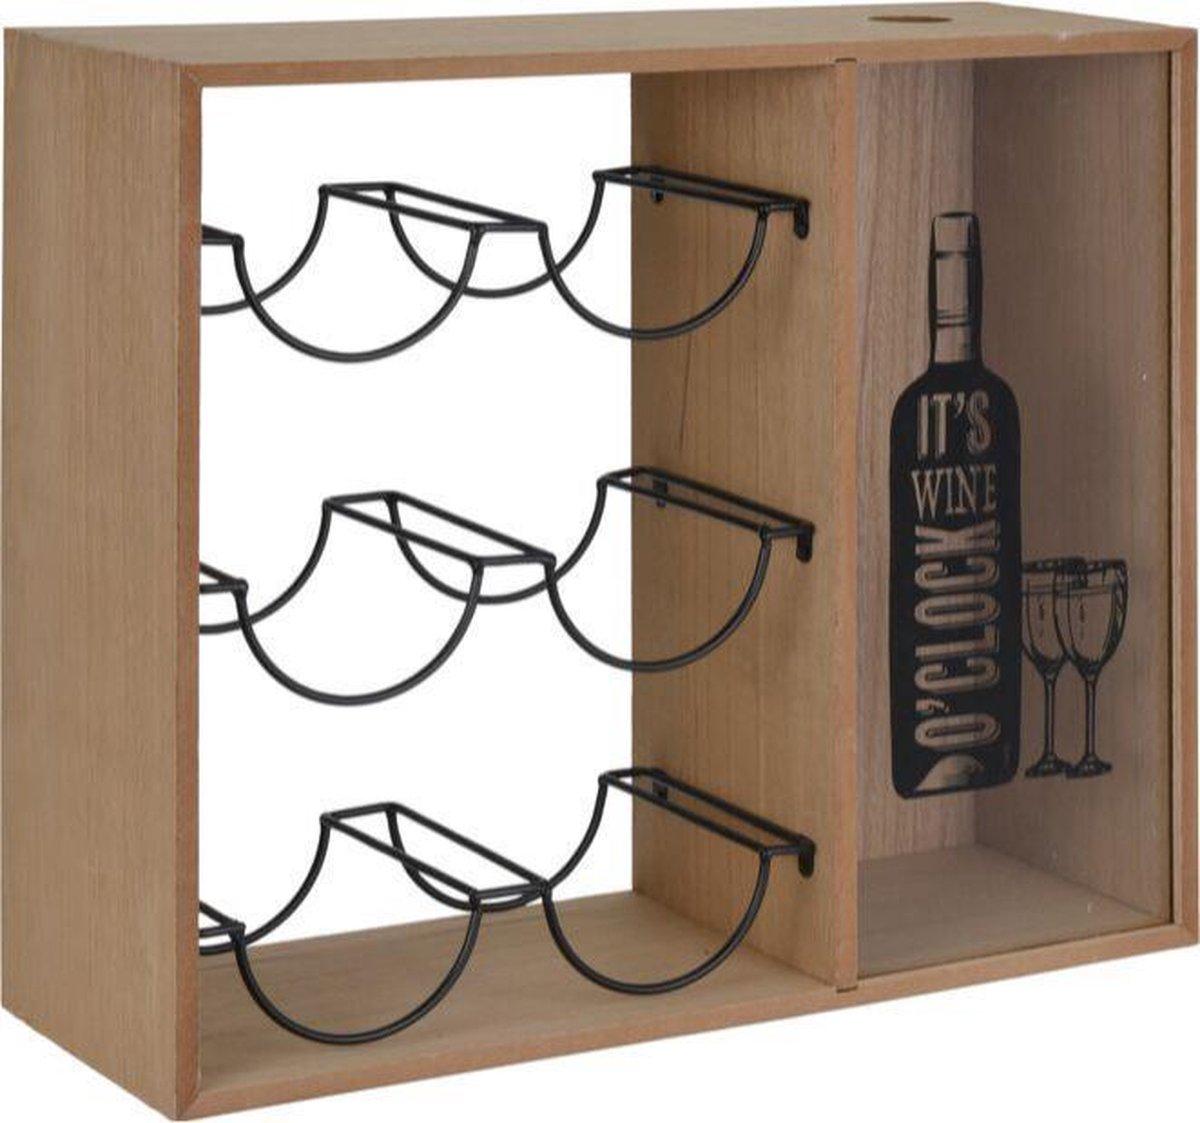 Wijnrek hout - Zwart - Metaal - Hout - 6 flessen - Flessenrek - Wijnhouder